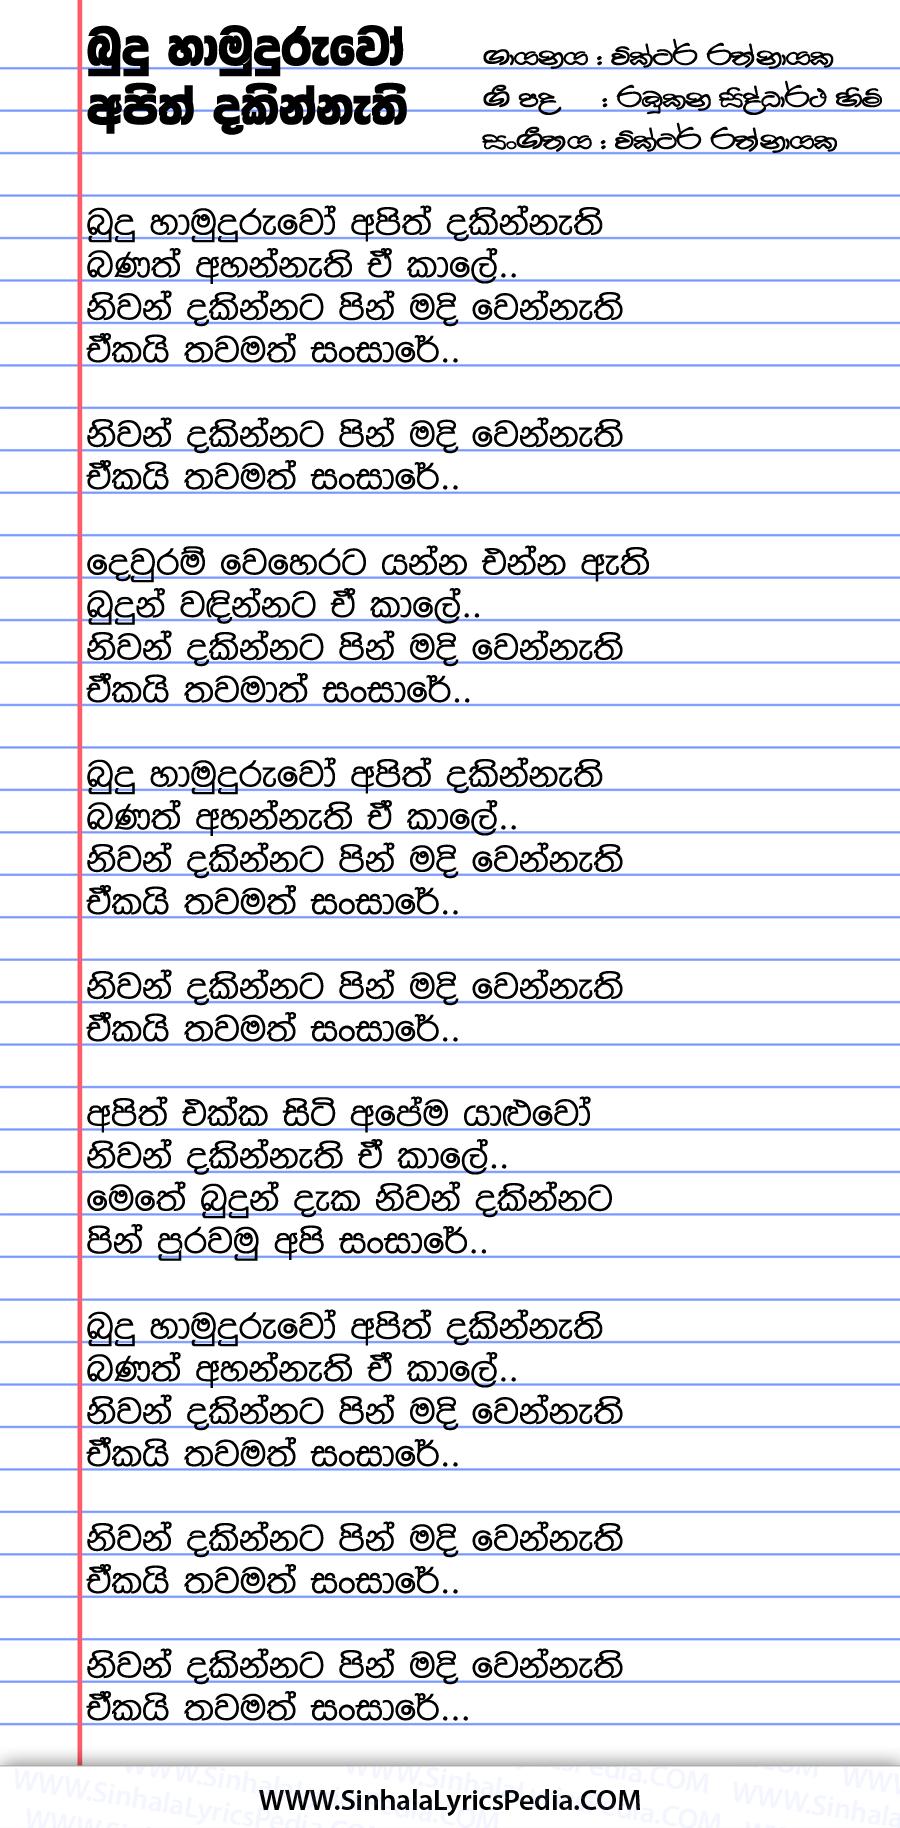 Budu Hamuduruwo Apith Dakinnathi Song Lyrics